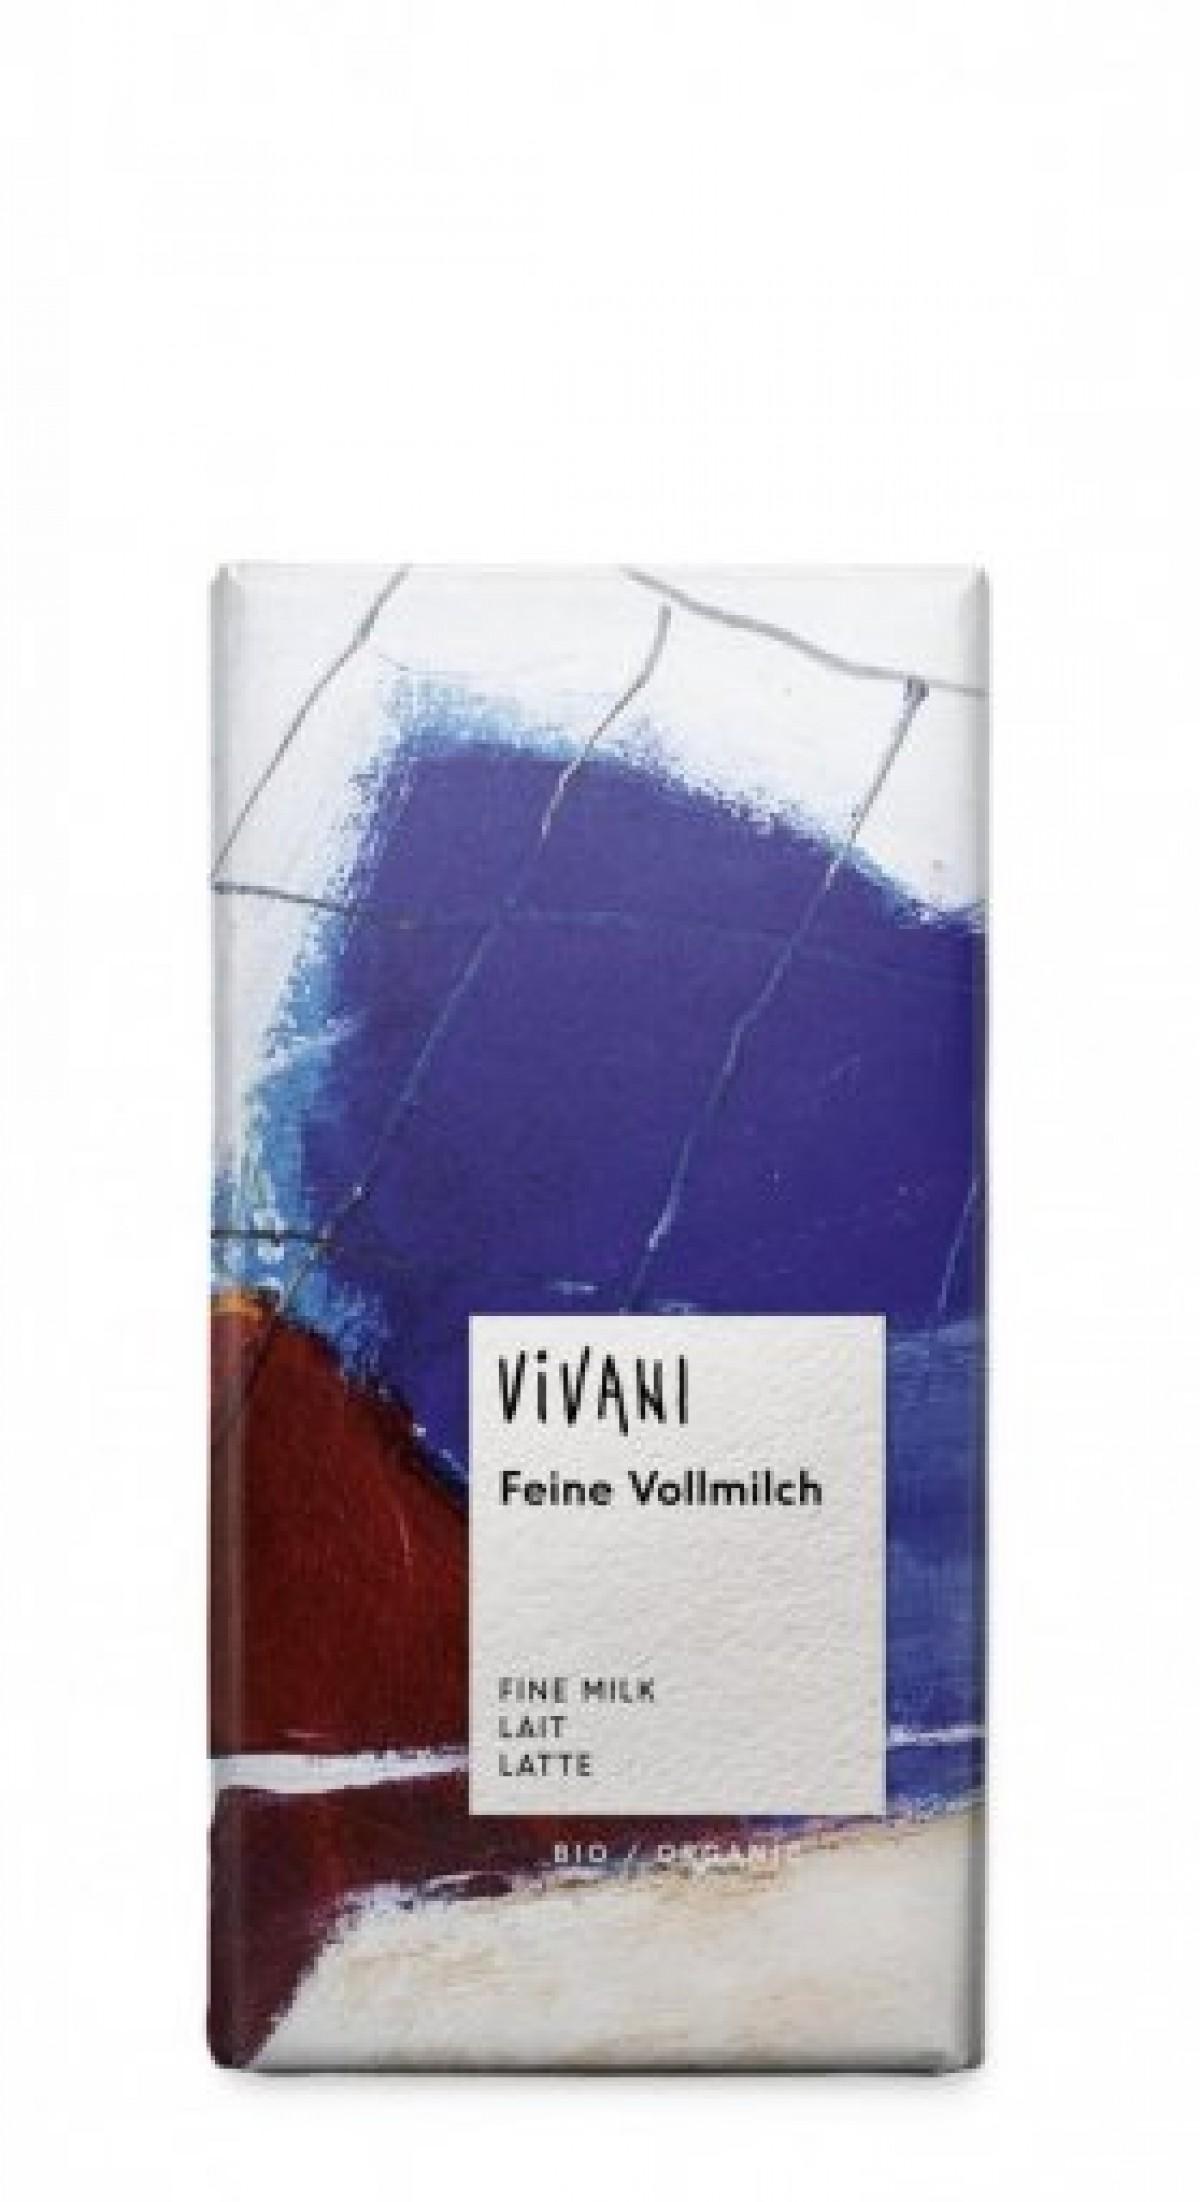 Vivani Feine Vollmilchschokolade